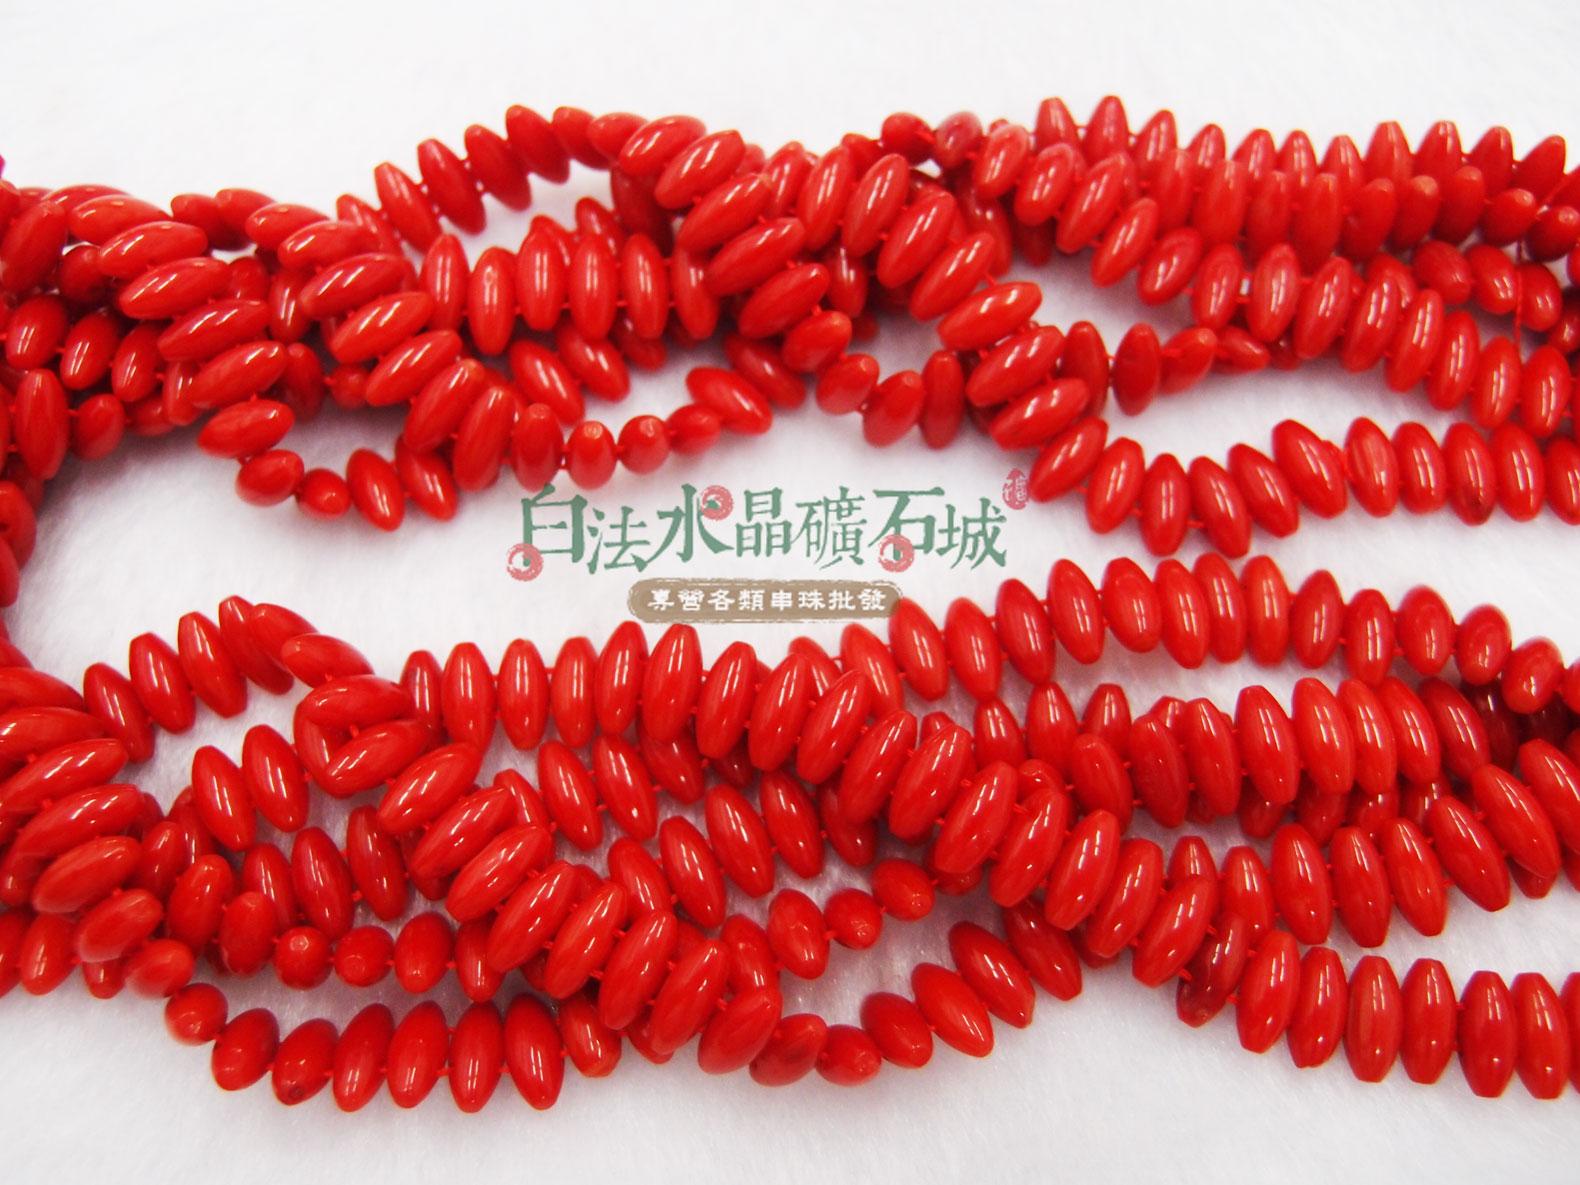 白法水晶礦石城 印尼 紅珊瑚 4*8mm -雙排 礦質 串珠/條珠  首飾材料(一件不留出清五折區)